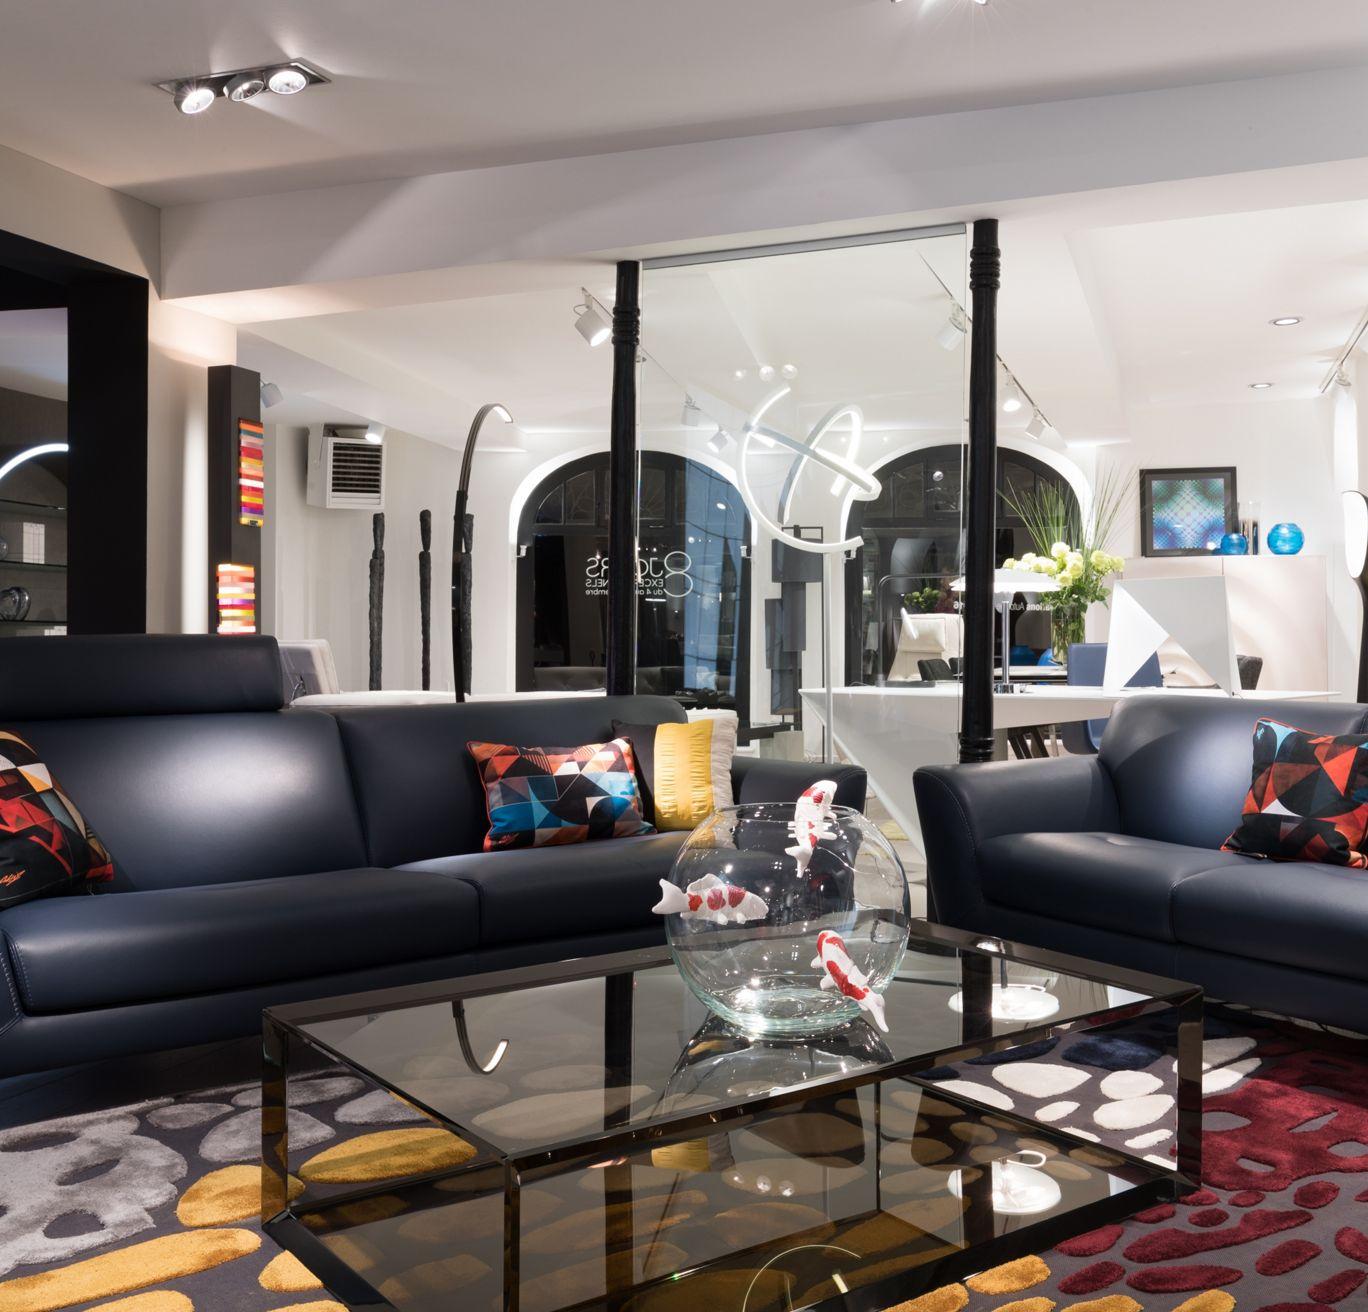 magasin roche bobois colmar 68000. Black Bedroom Furniture Sets. Home Design Ideas